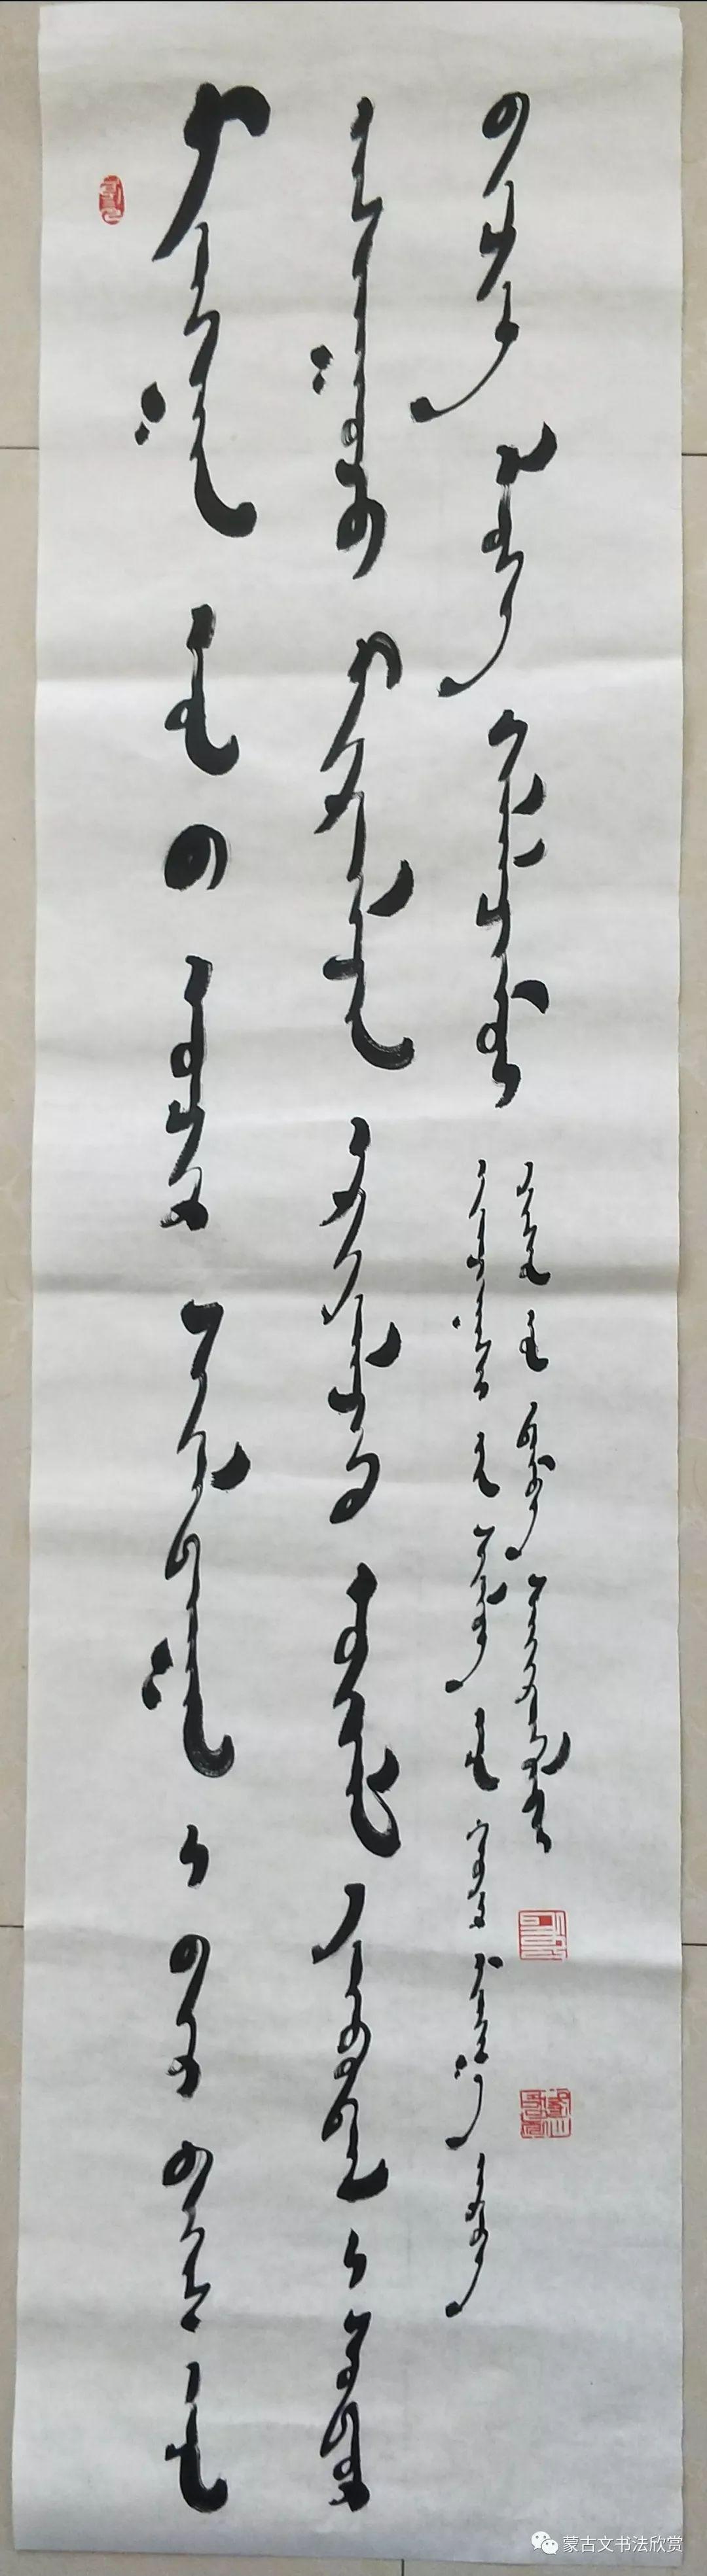 蒙古文书法欣赏——丹巴 第4张 蒙古文书法欣赏——丹巴 蒙古书法